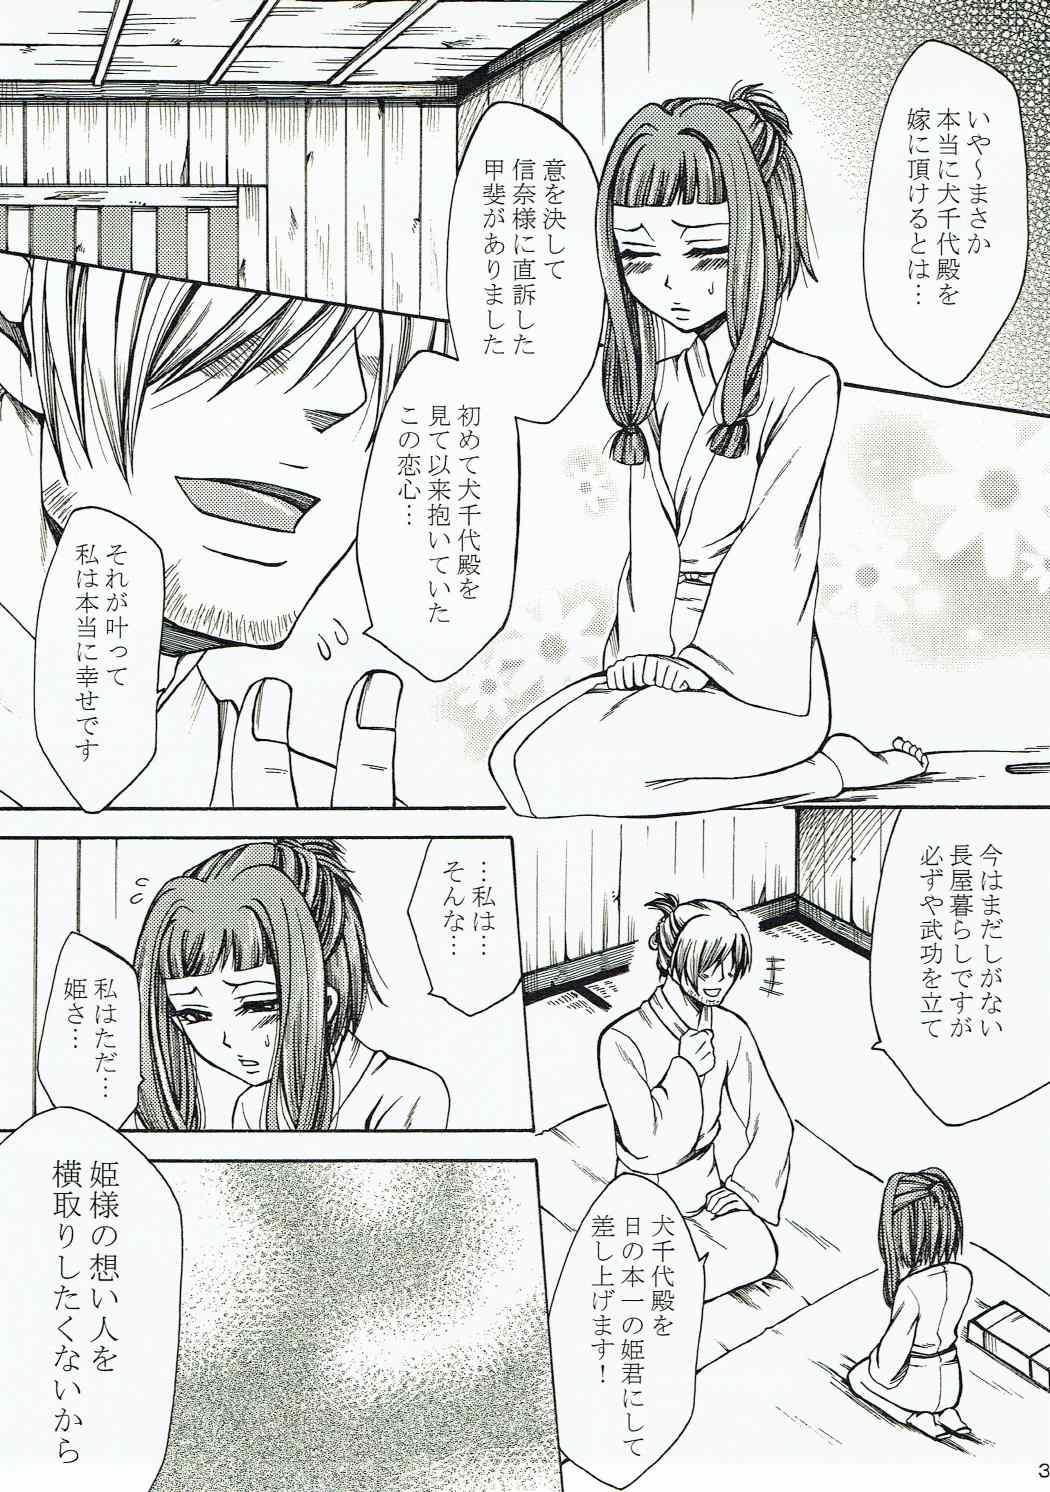 Inuchiyo-chan ga Yoshiharu janai Otoko to Kekkon suru Hon. 1